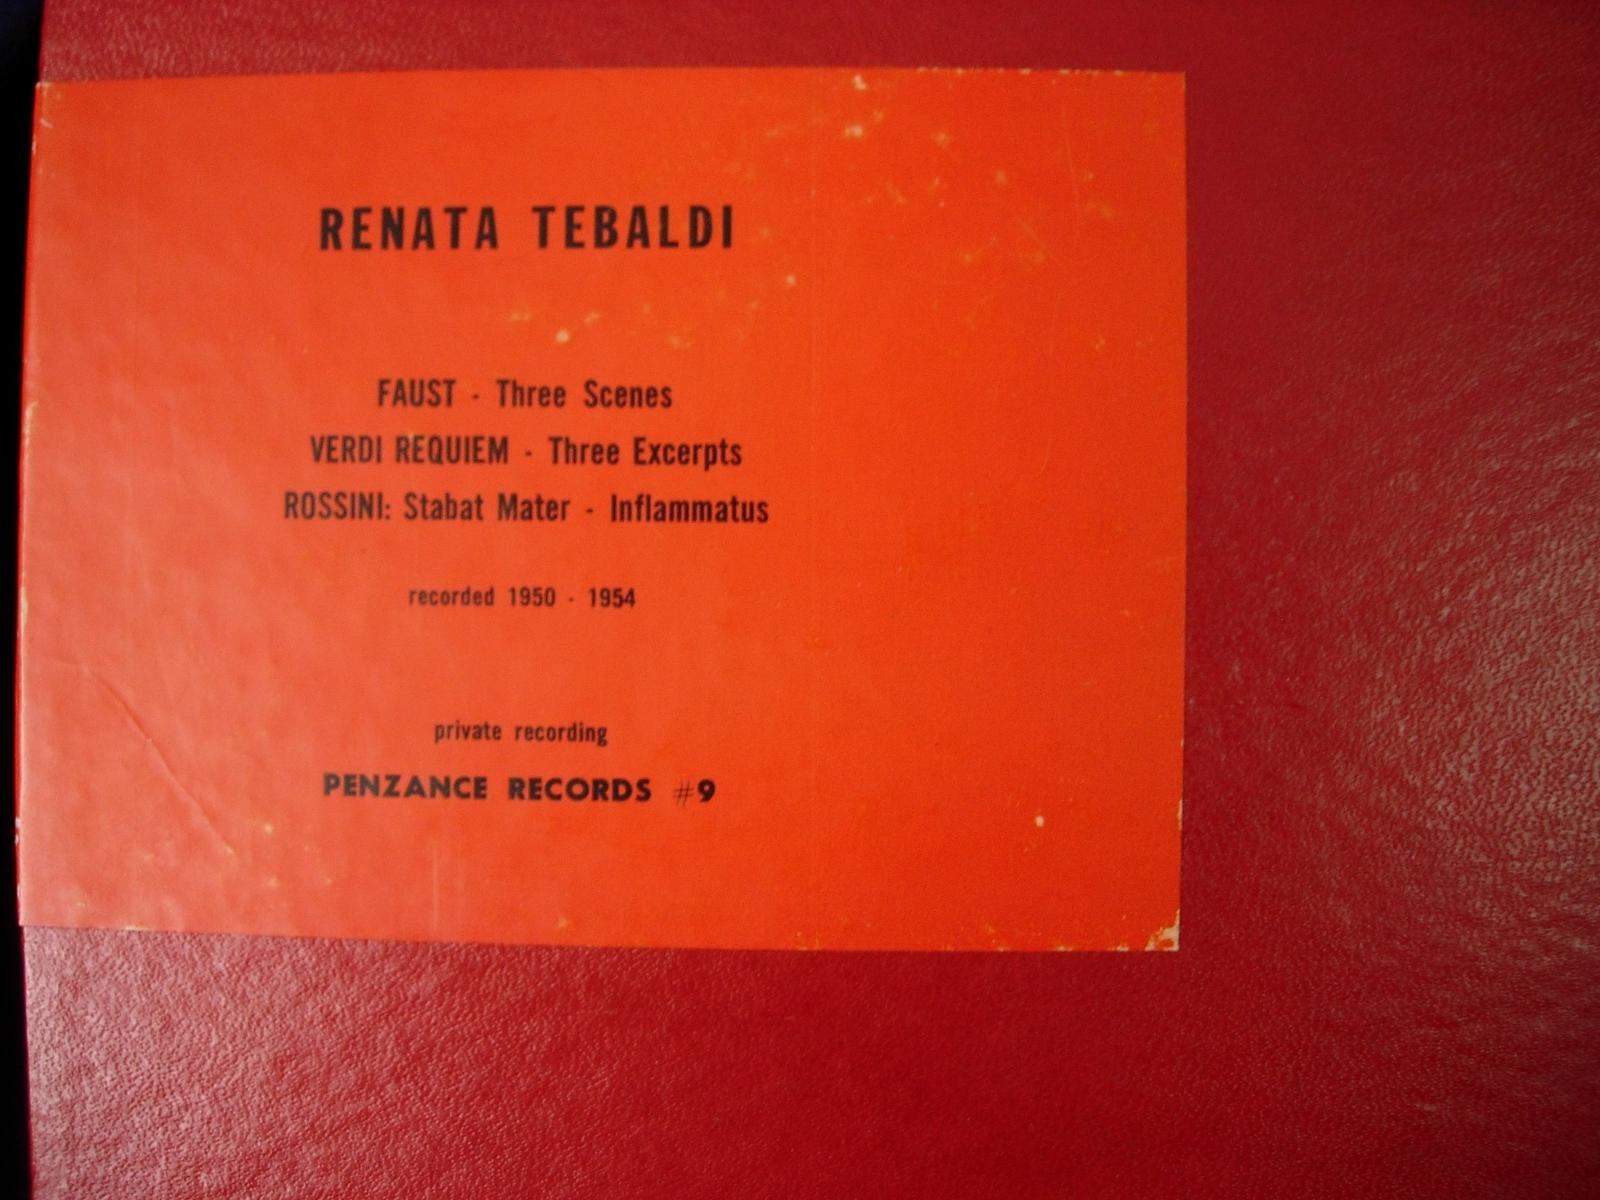 RENATA TEBALDI - Private Recording PENZANCE RECORDS # 9